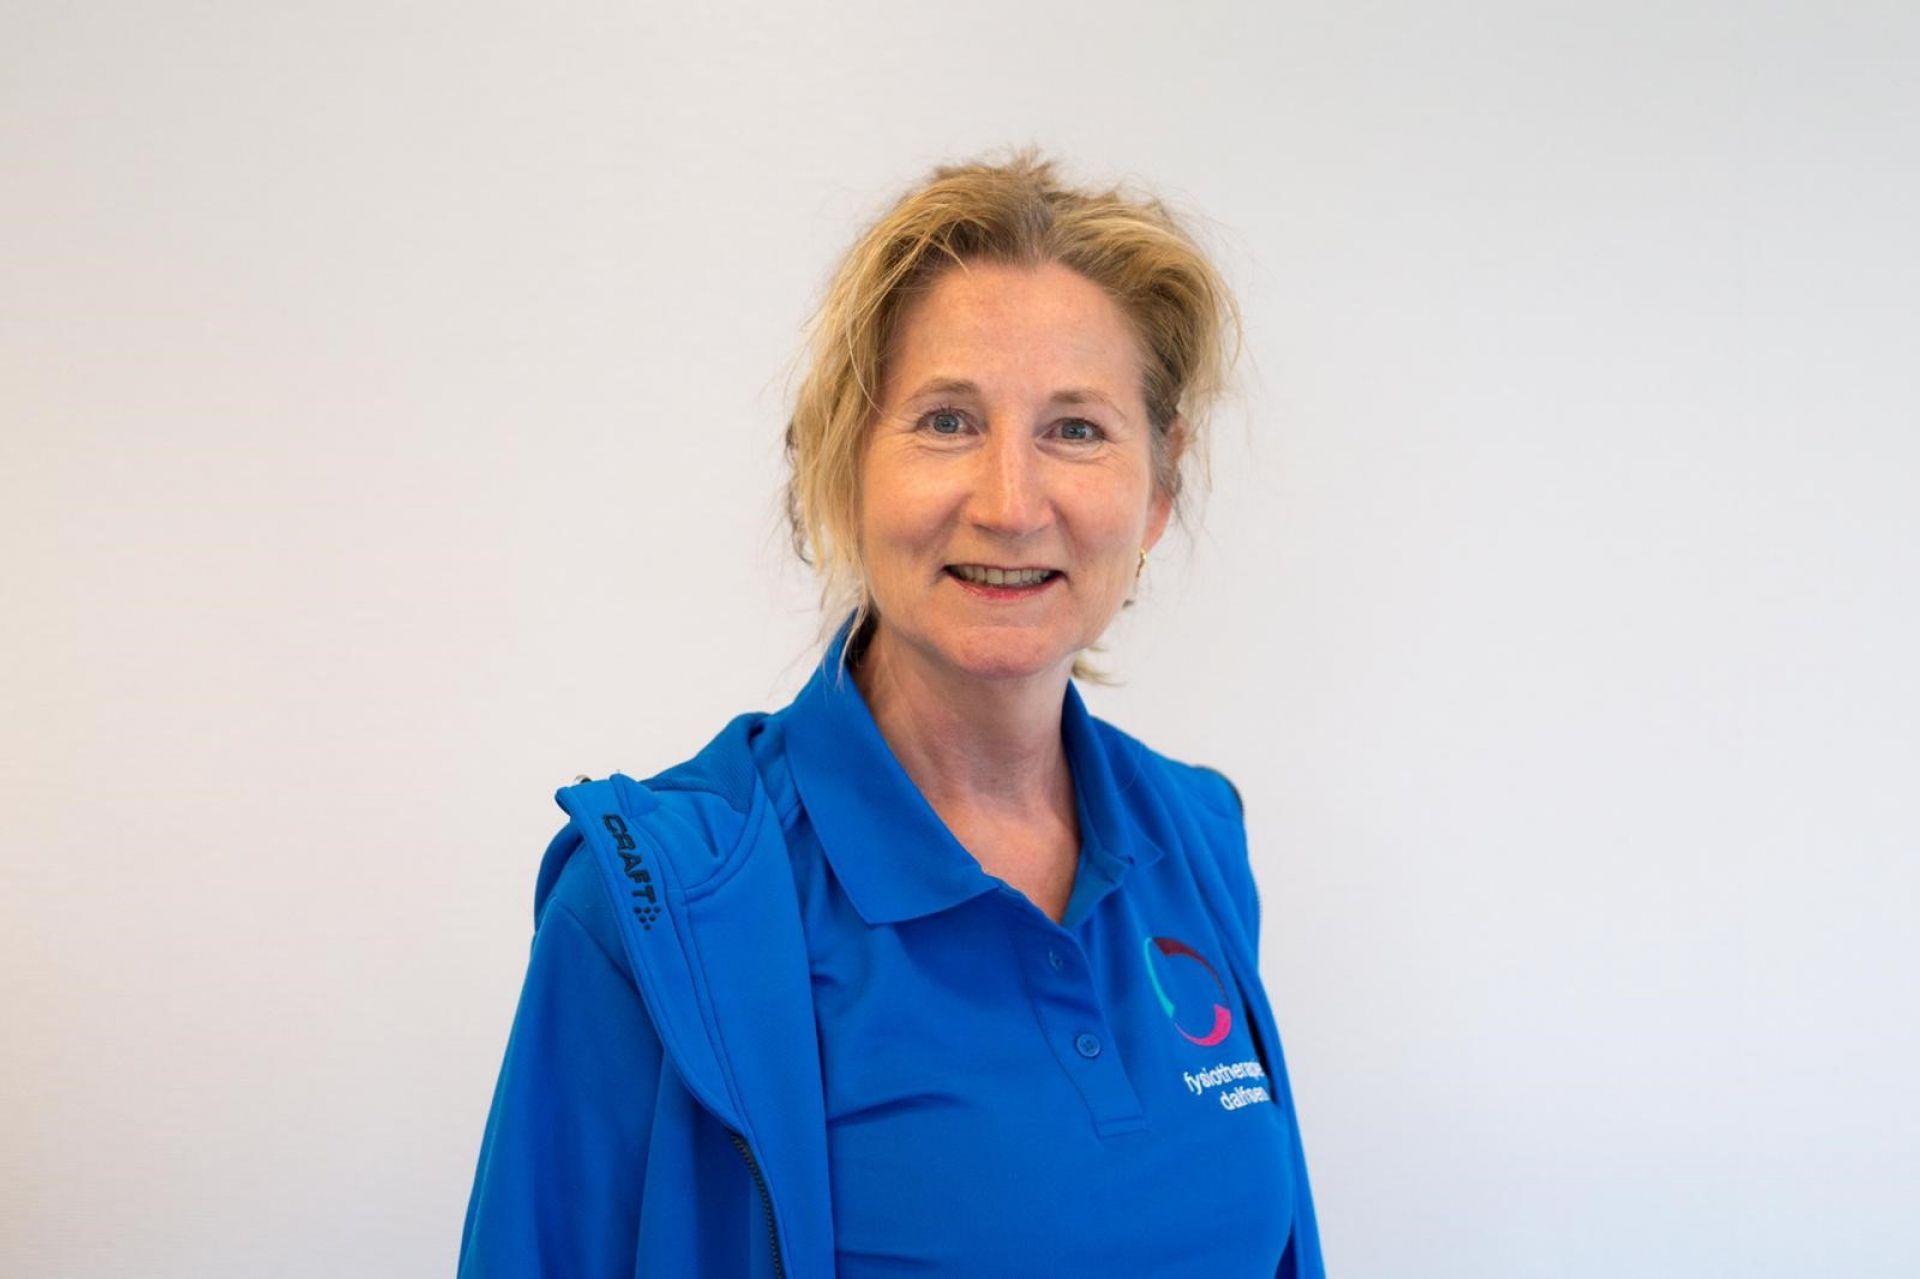 Ingrid Timmerhuis